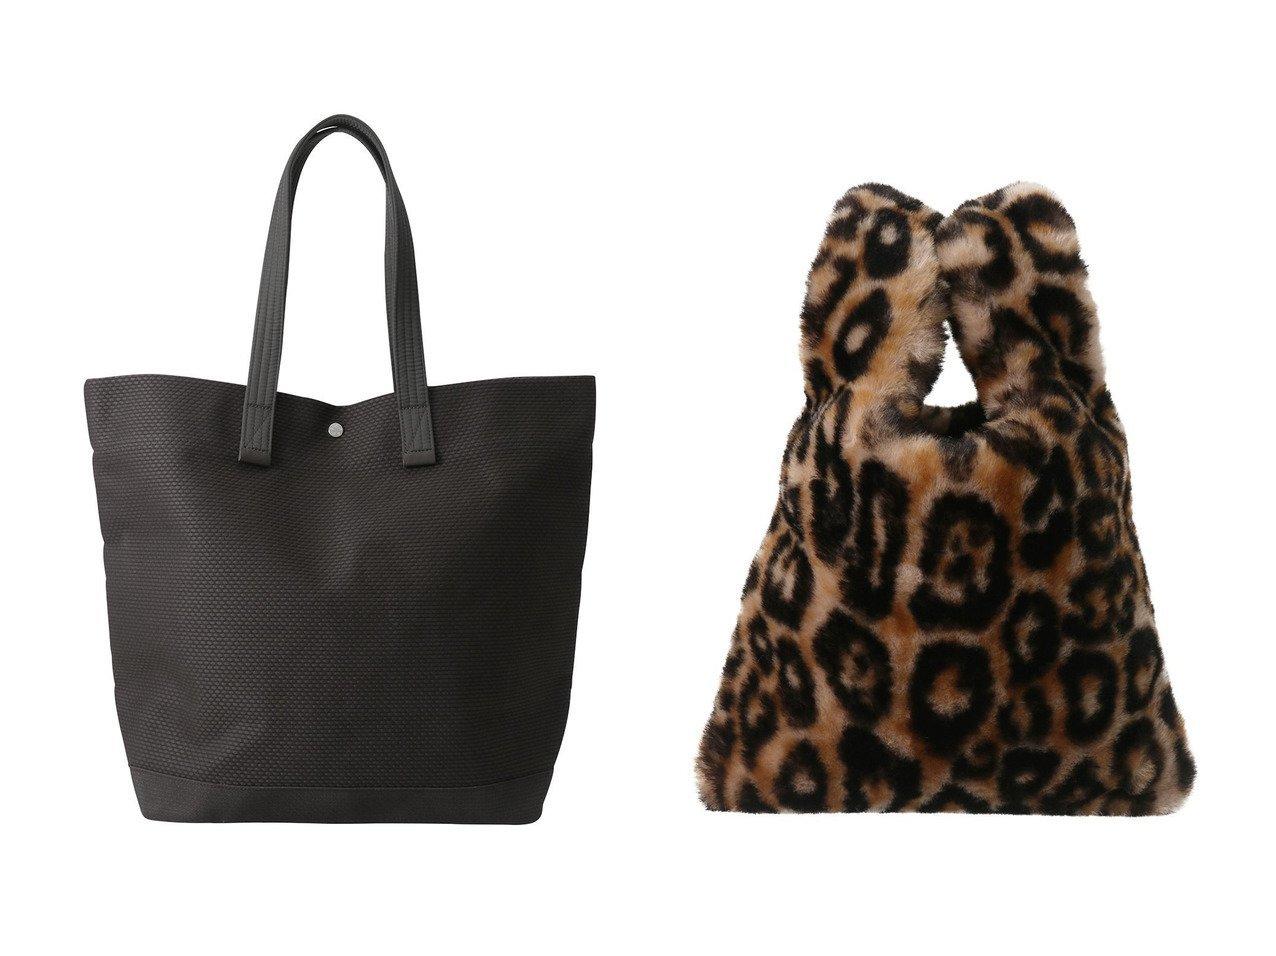 【PLAIN PEOPLE/プレインピープル】の【CaBas】トートバッグ&【Whim Gazette/ウィムガゼット】のフェイクファーバッグ 【バッグ・鞄】おすすめ!人気、トレンド・レディースファッションの通販 おすすめで人気の流行・トレンド、ファッションの通販商品 インテリア・家具・メンズファッション・キッズファッション・レディースファッション・服の通販 founy(ファニー) https://founy.com/ ファッション Fashion レディースファッション WOMEN バッグ Bag コーティング シンプル おすすめ Recommend ハンドバッグ フェイクファー |ID:crp329100000069201